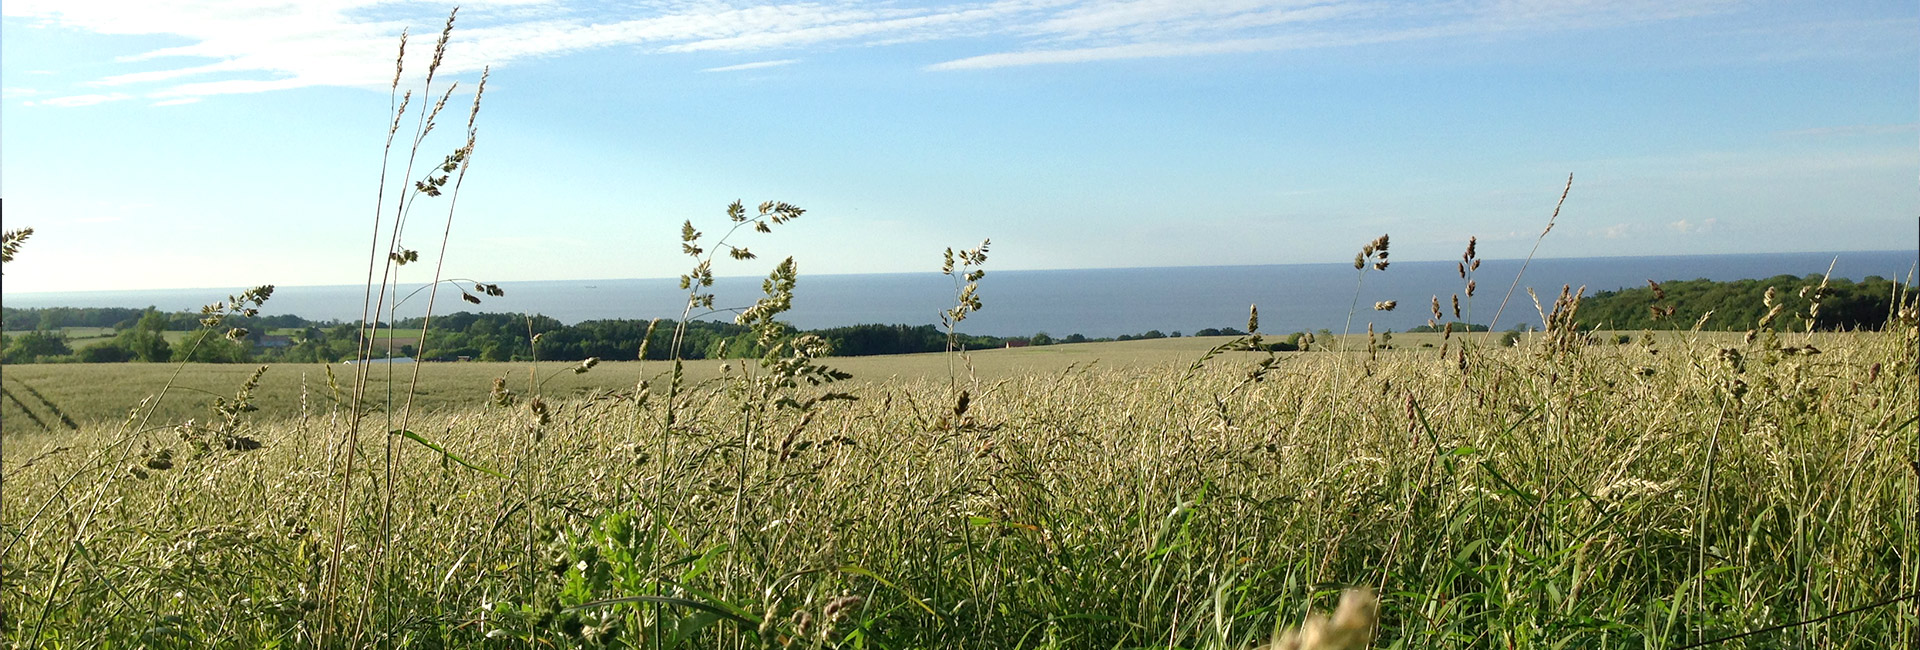 Stemningsbillede med bølgende kornmark og kig ud over havet